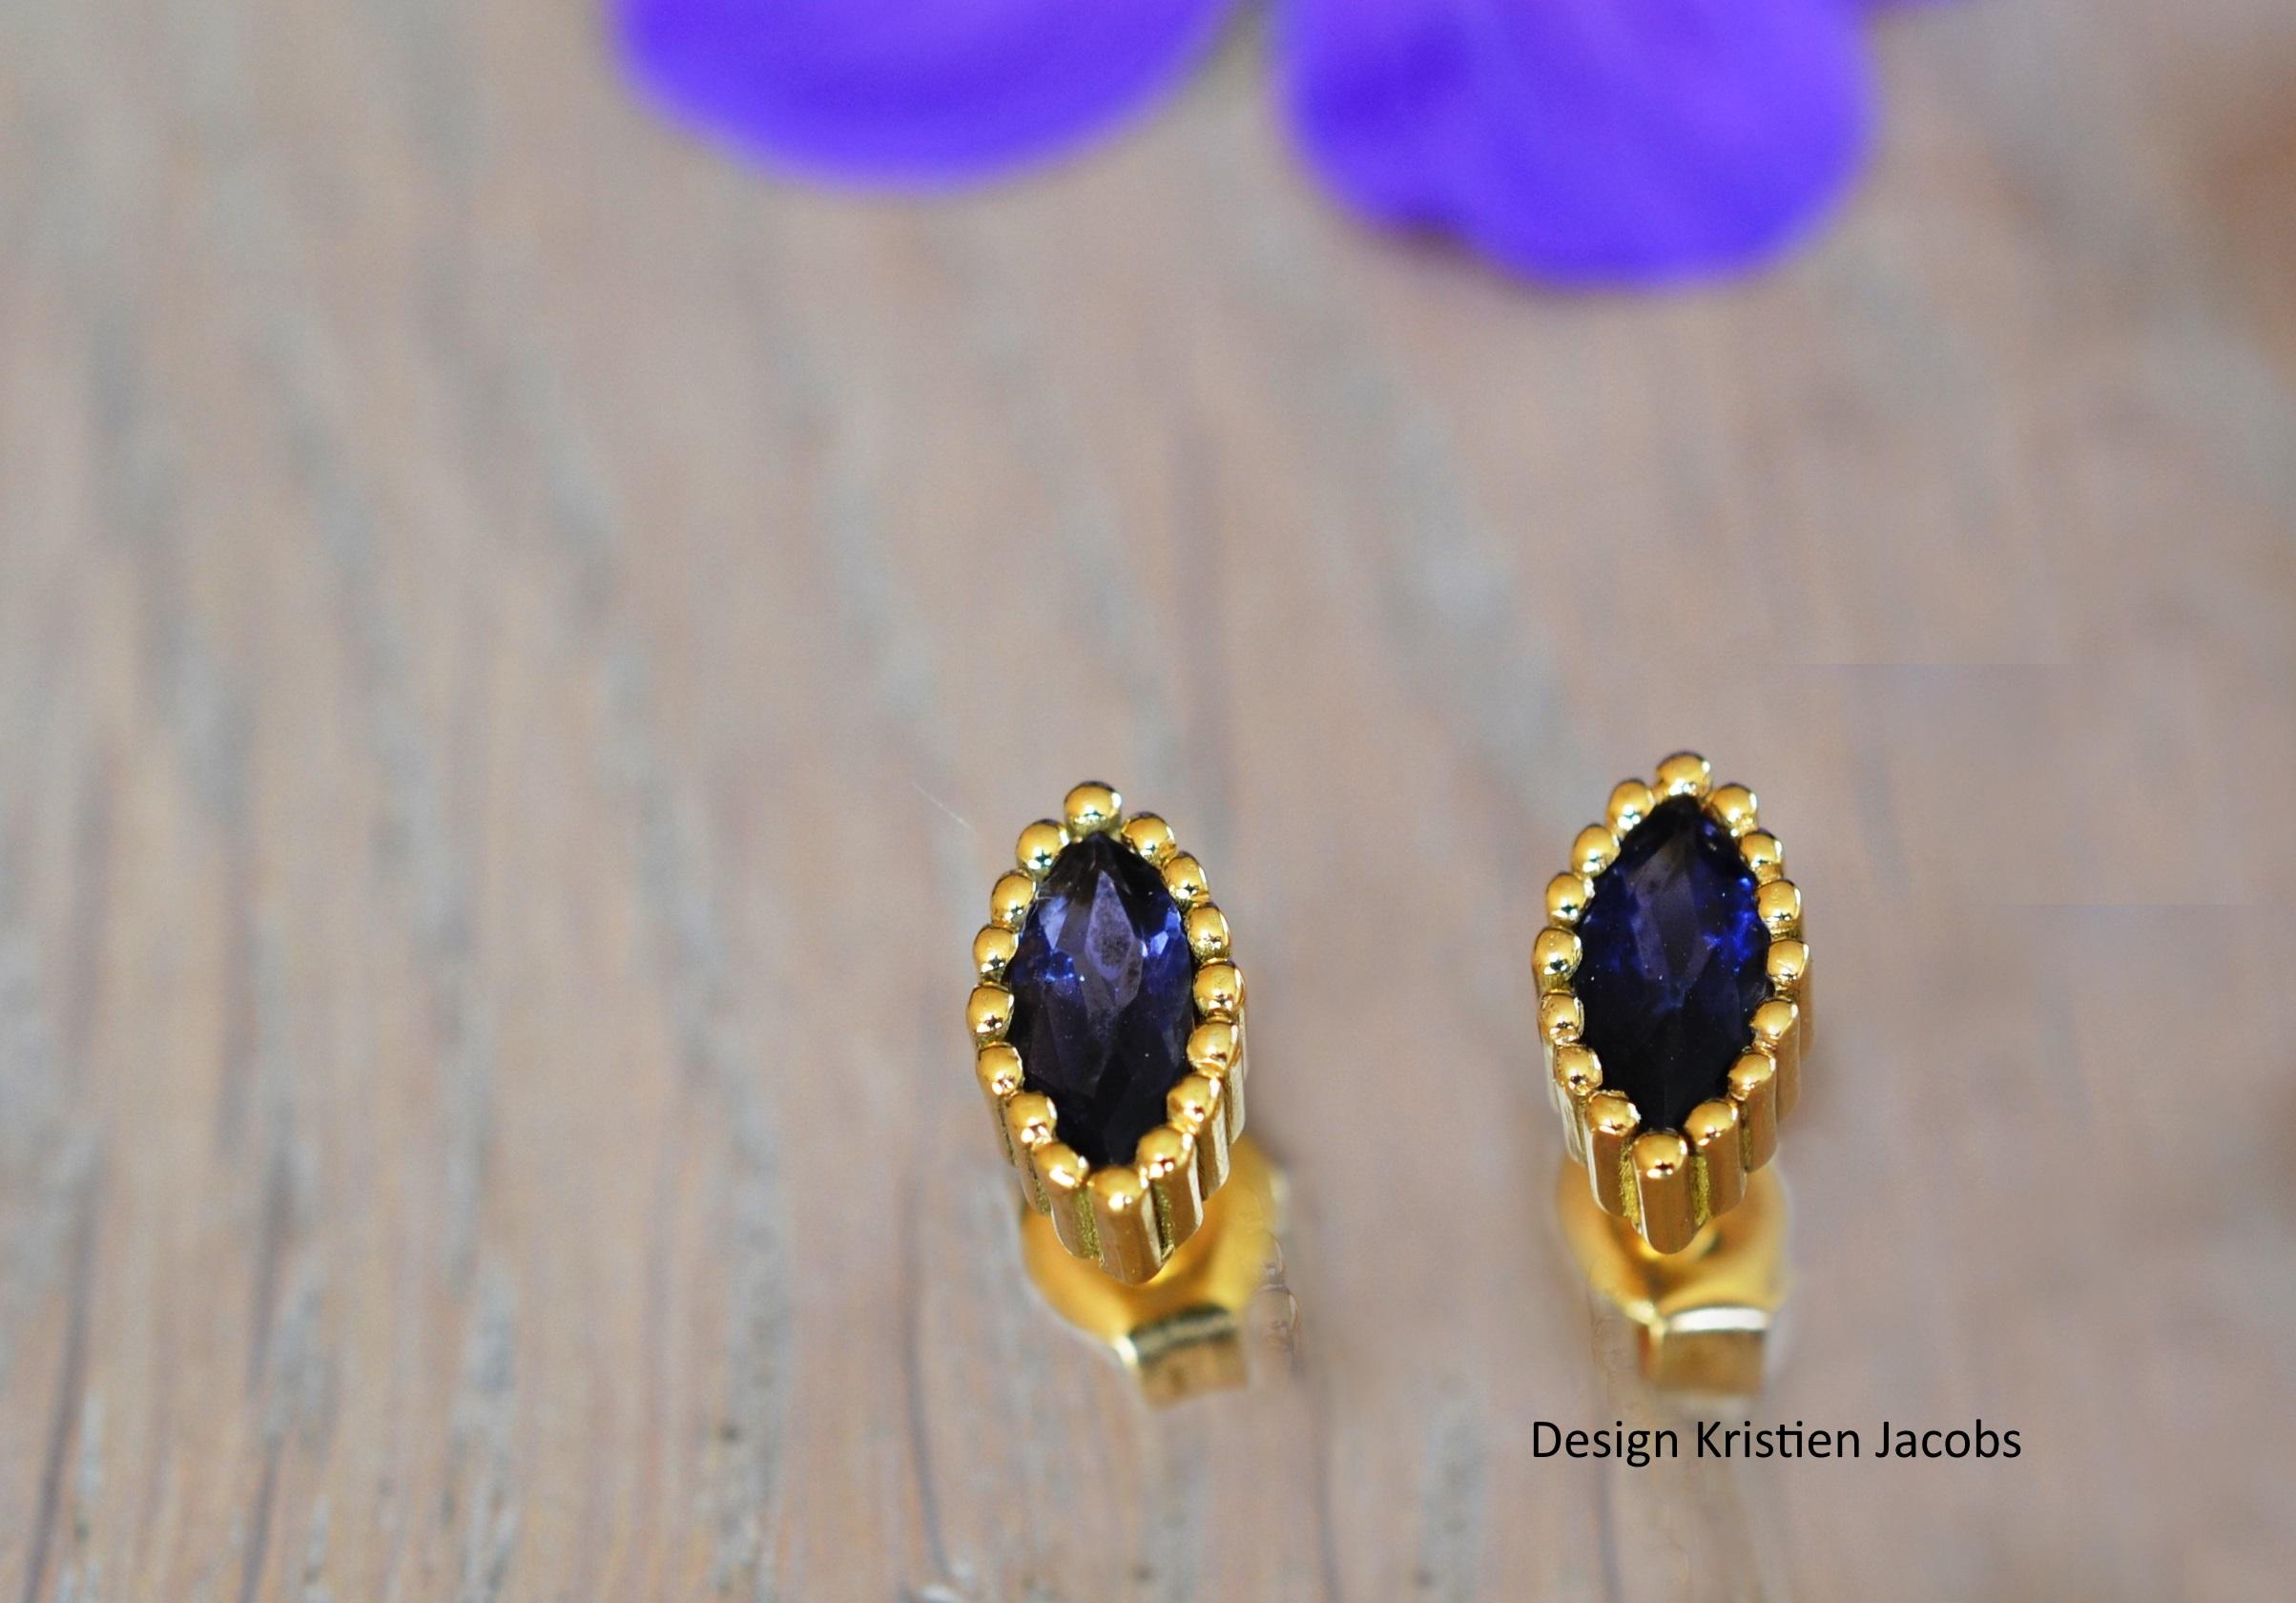 Handegemaakte juwelen MechelenOorstekers, oorbellen, oorsieraad Ioliet Iolith Illuminate